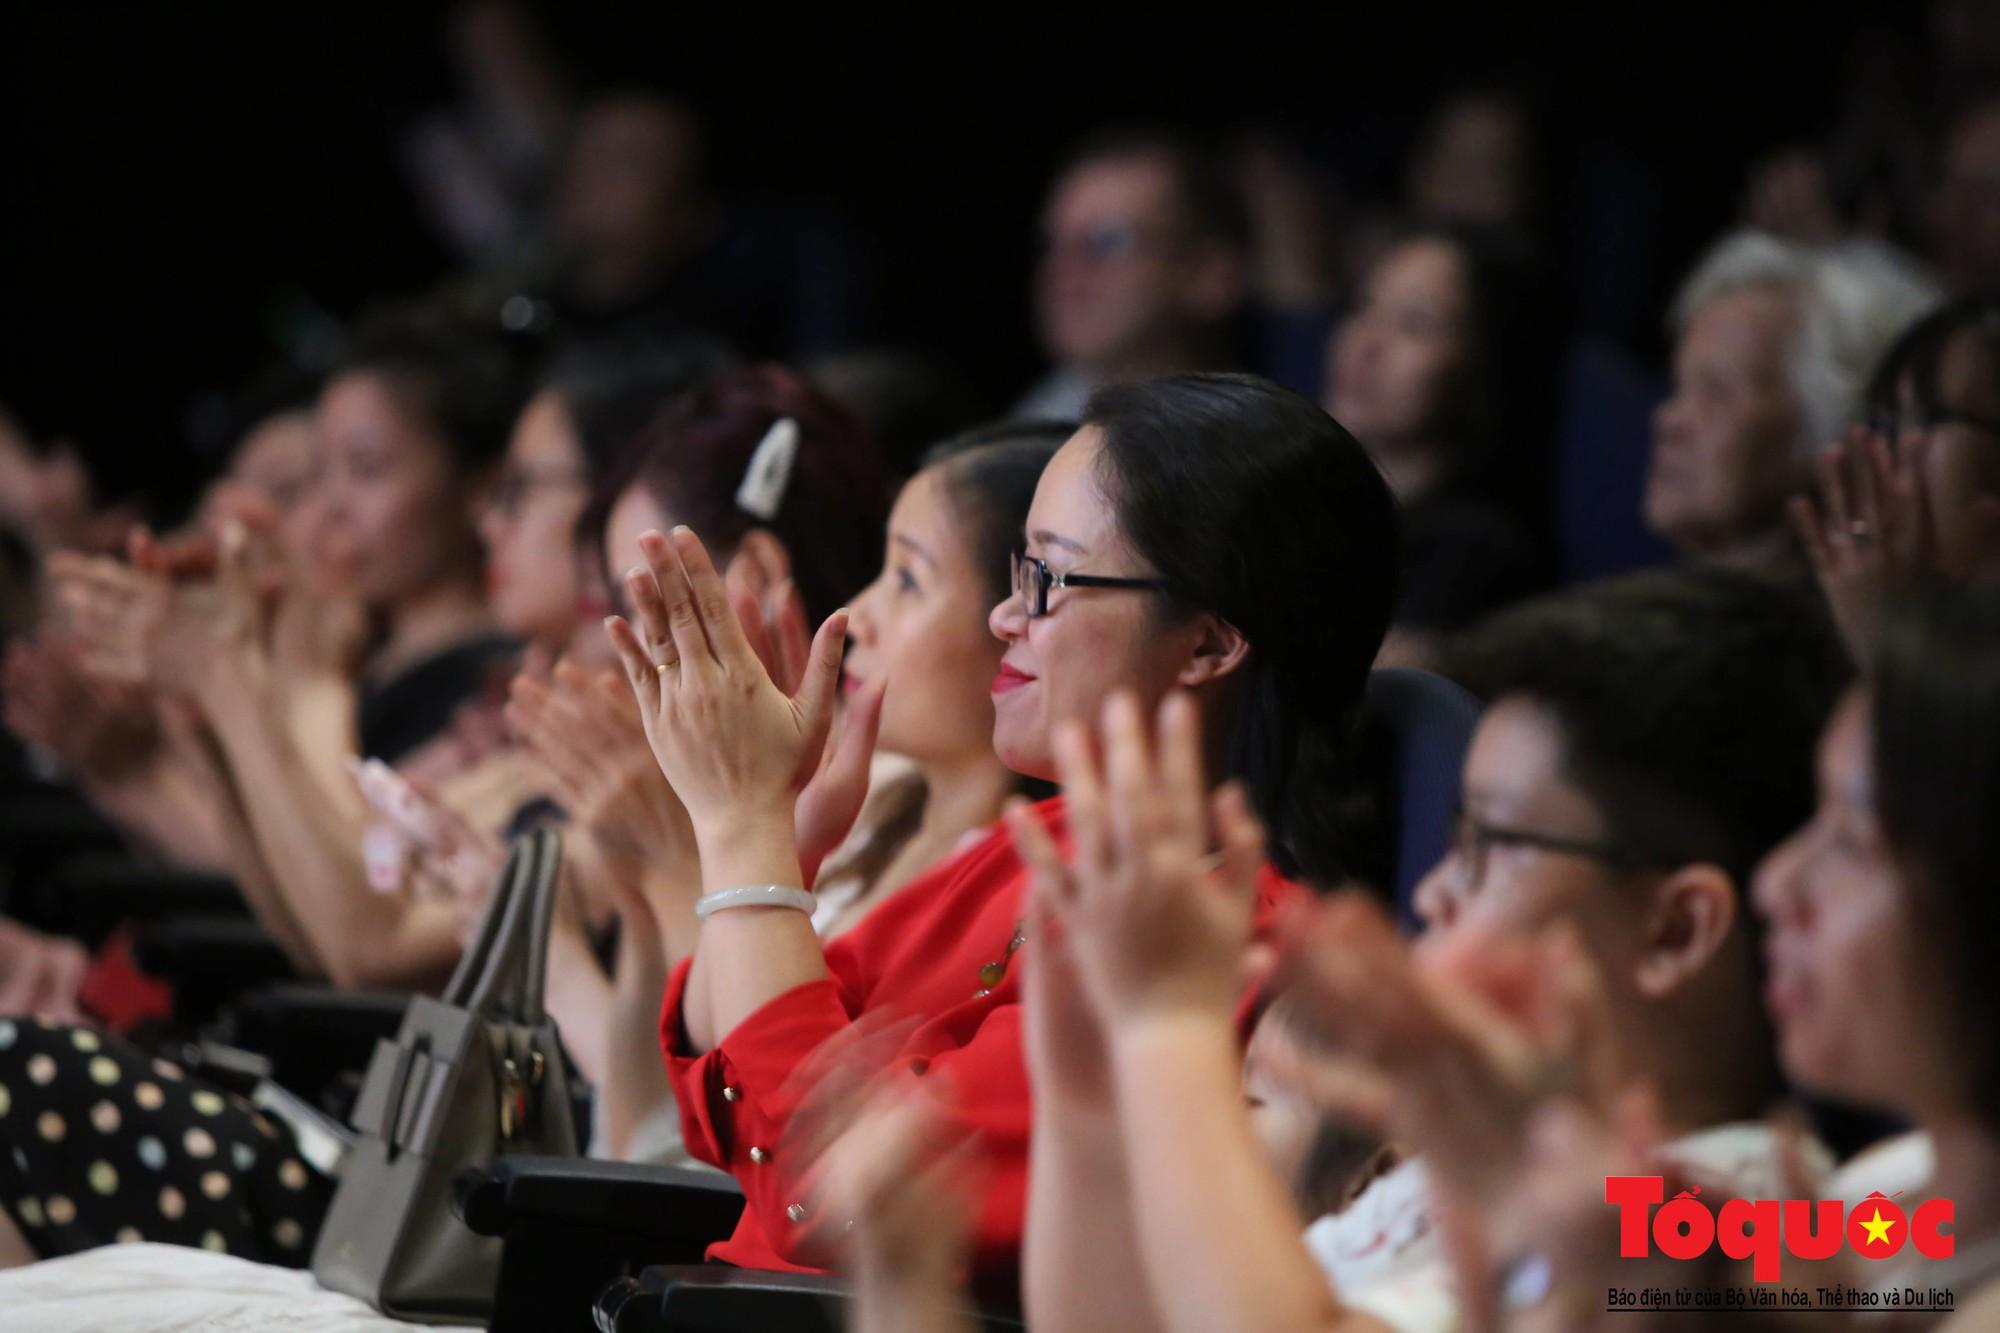 Dàn nhạc giao hưởng nhí đầu tiên của Việt Nam biểu diễn gây quỹ từ thiện (7)